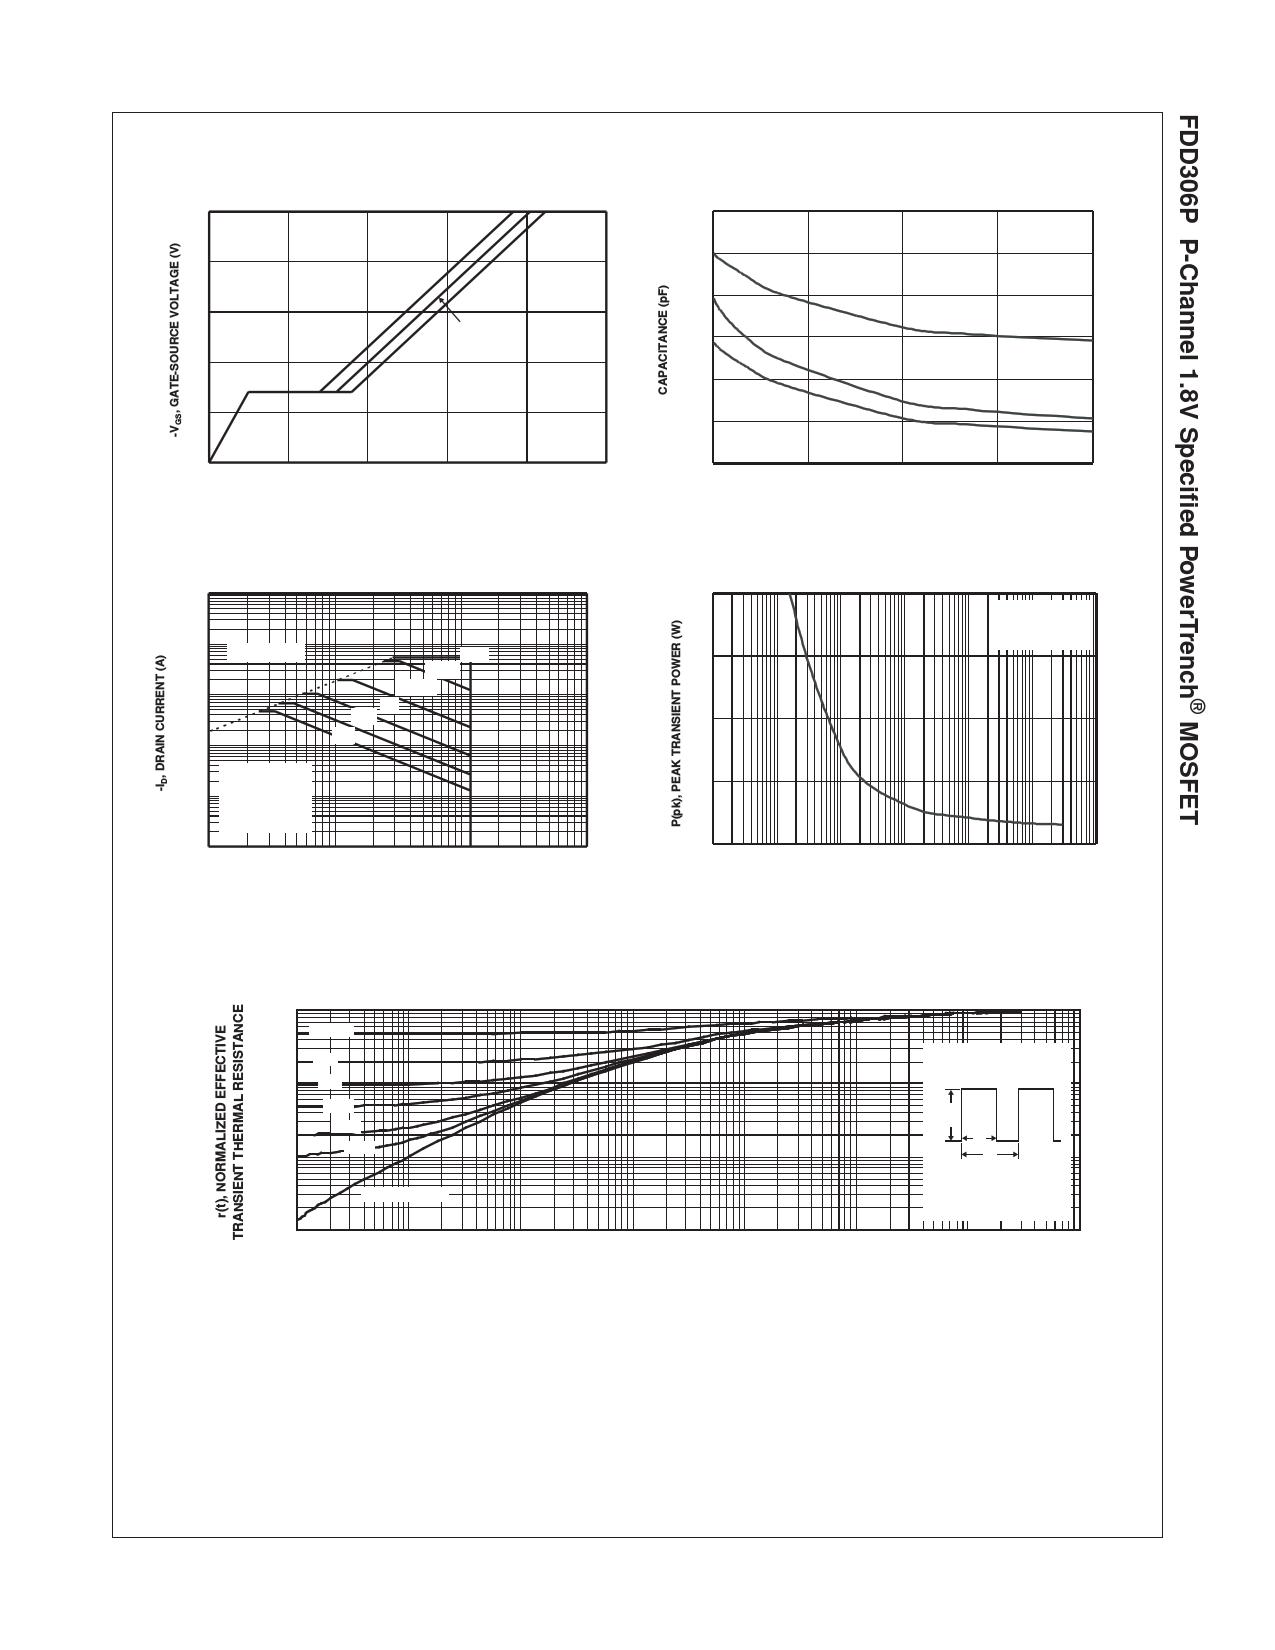 FDD306P pdf, 반도체, 판매, 대치품